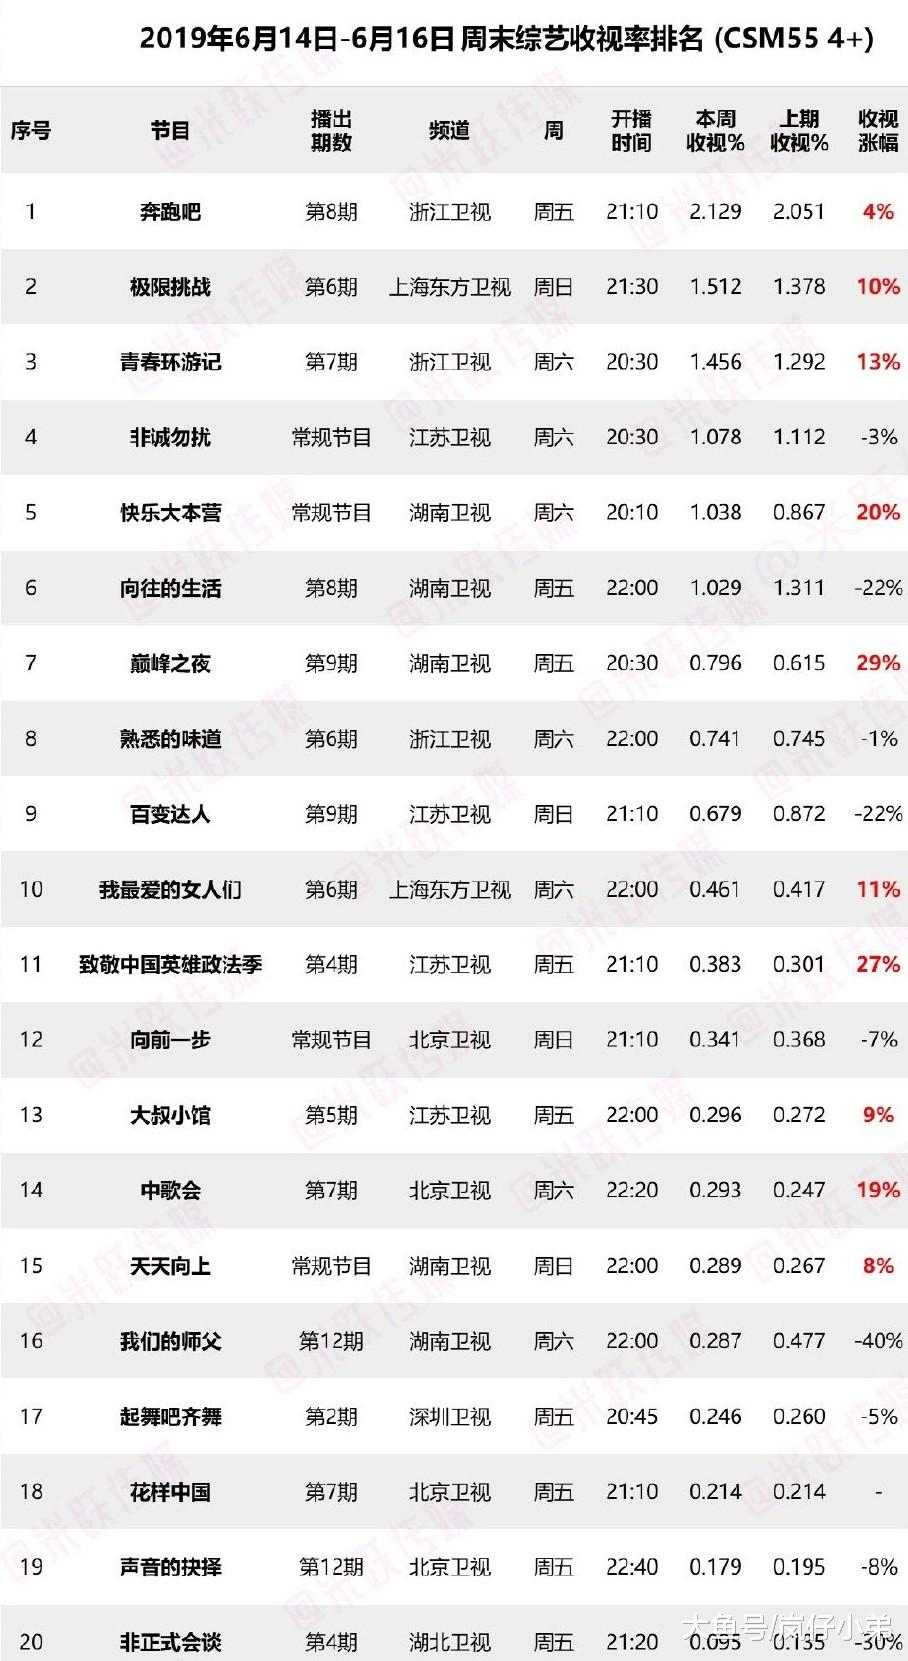 上周末综艺收视率出炉,《向往3》跌出前五,黑马综艺正式诞生!